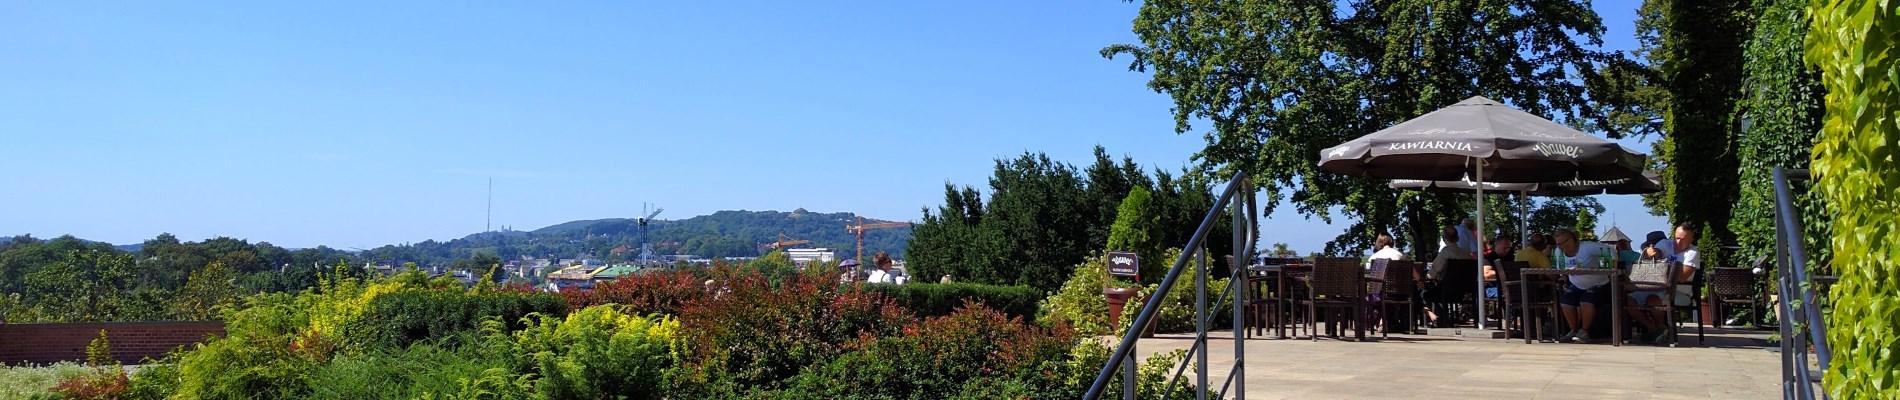 Beste Hotels Aan Strand In De Buurt Van Catania